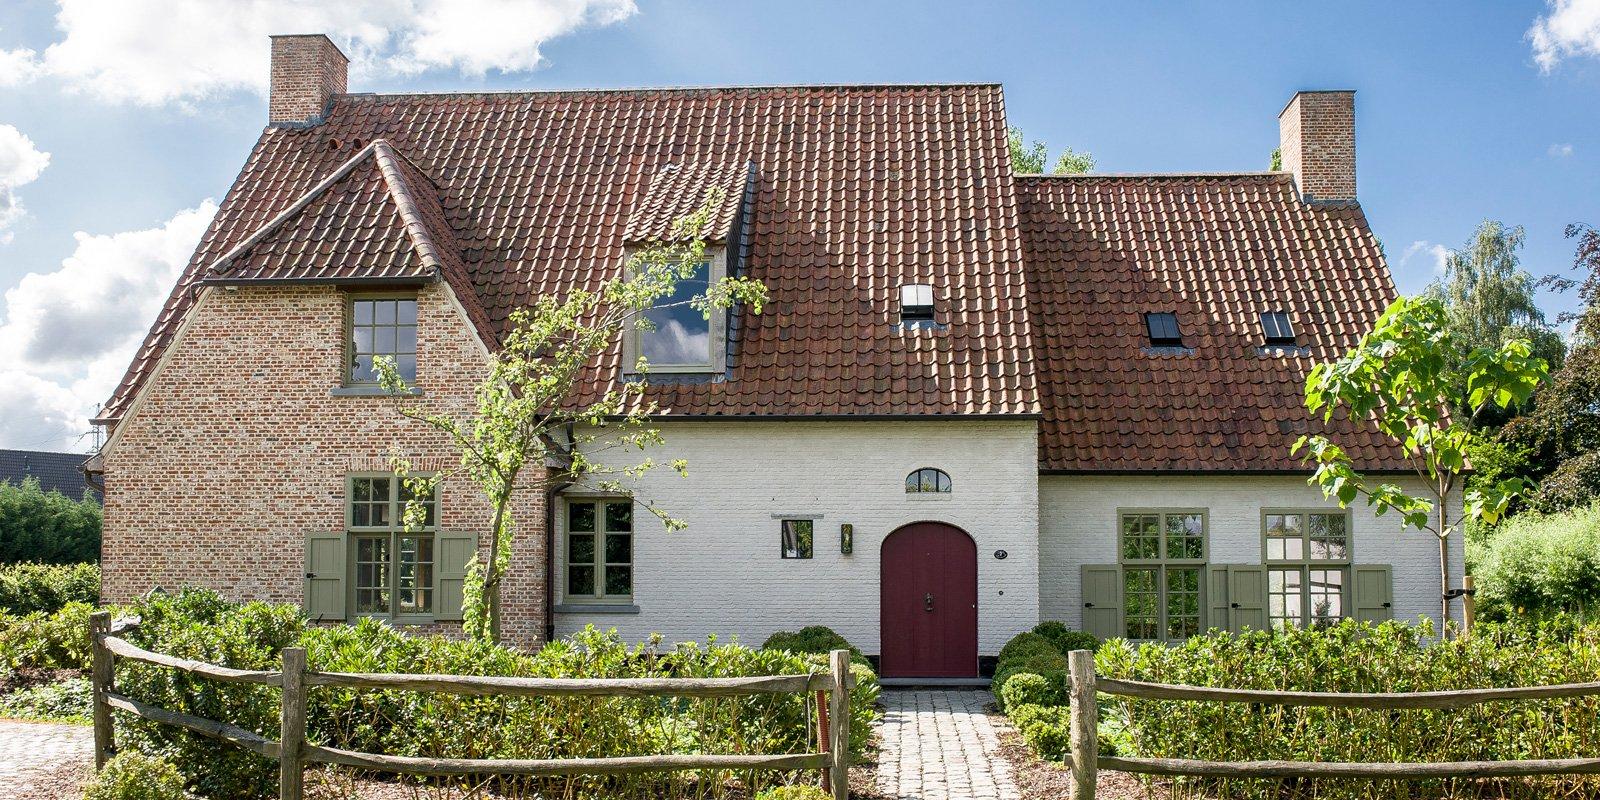 Oase van groen pieter vlassak the art of living be for Architect landelijk